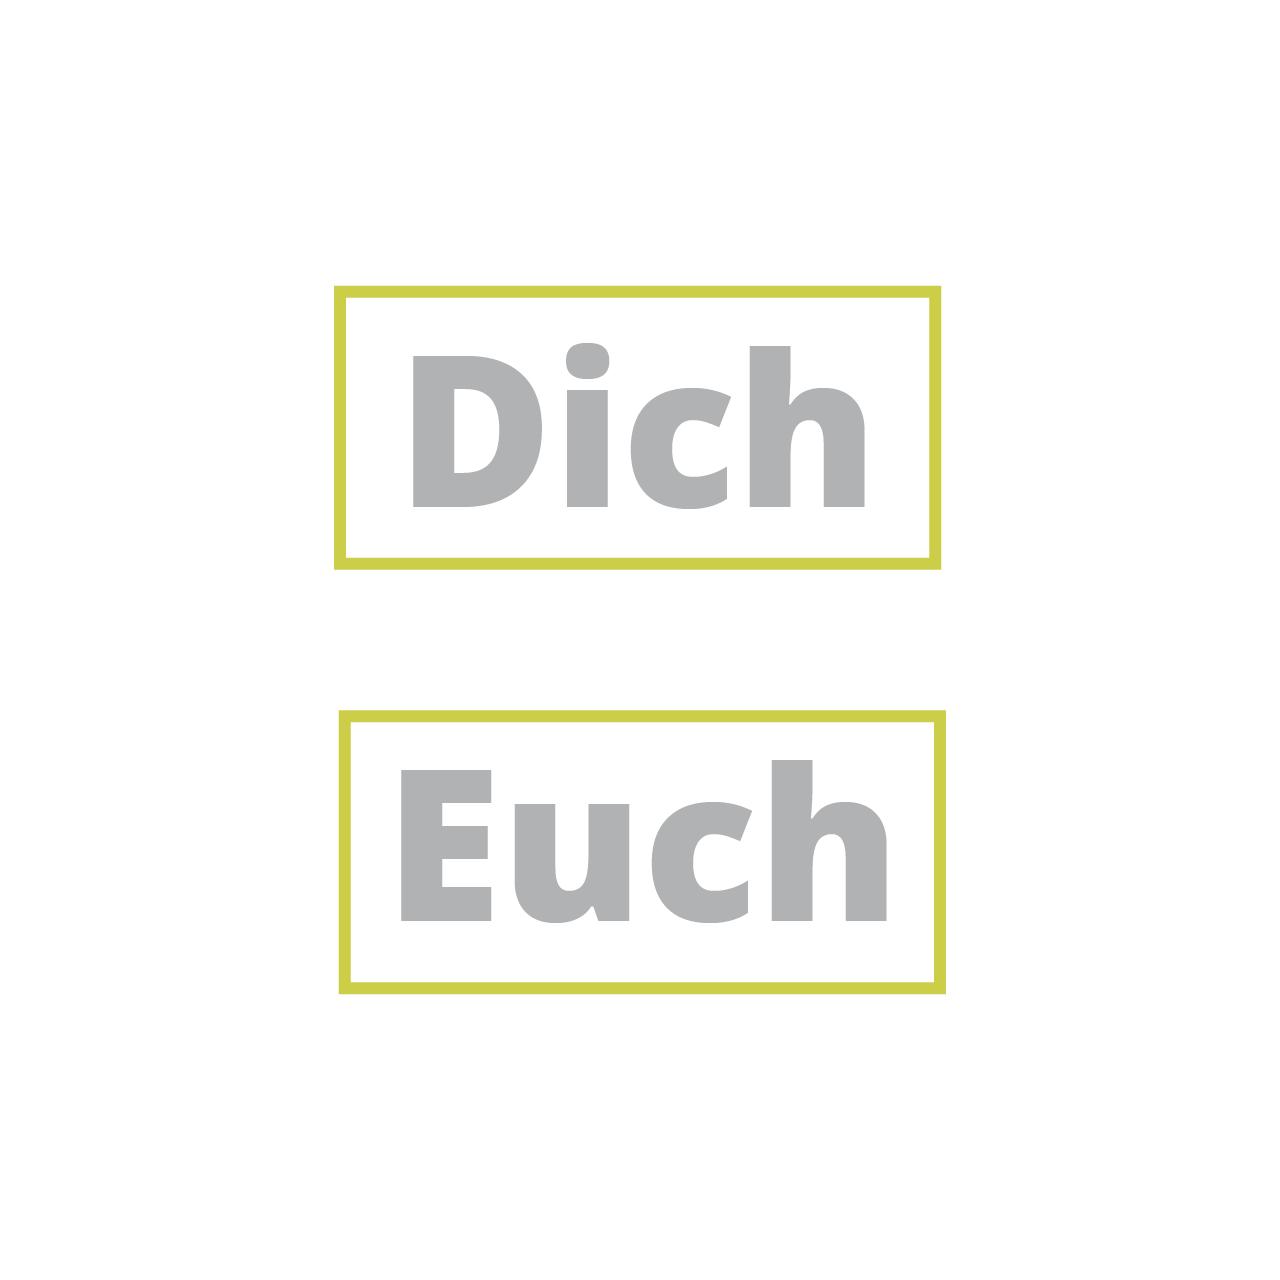 Extras_gruen_2_Versionen_du_euch